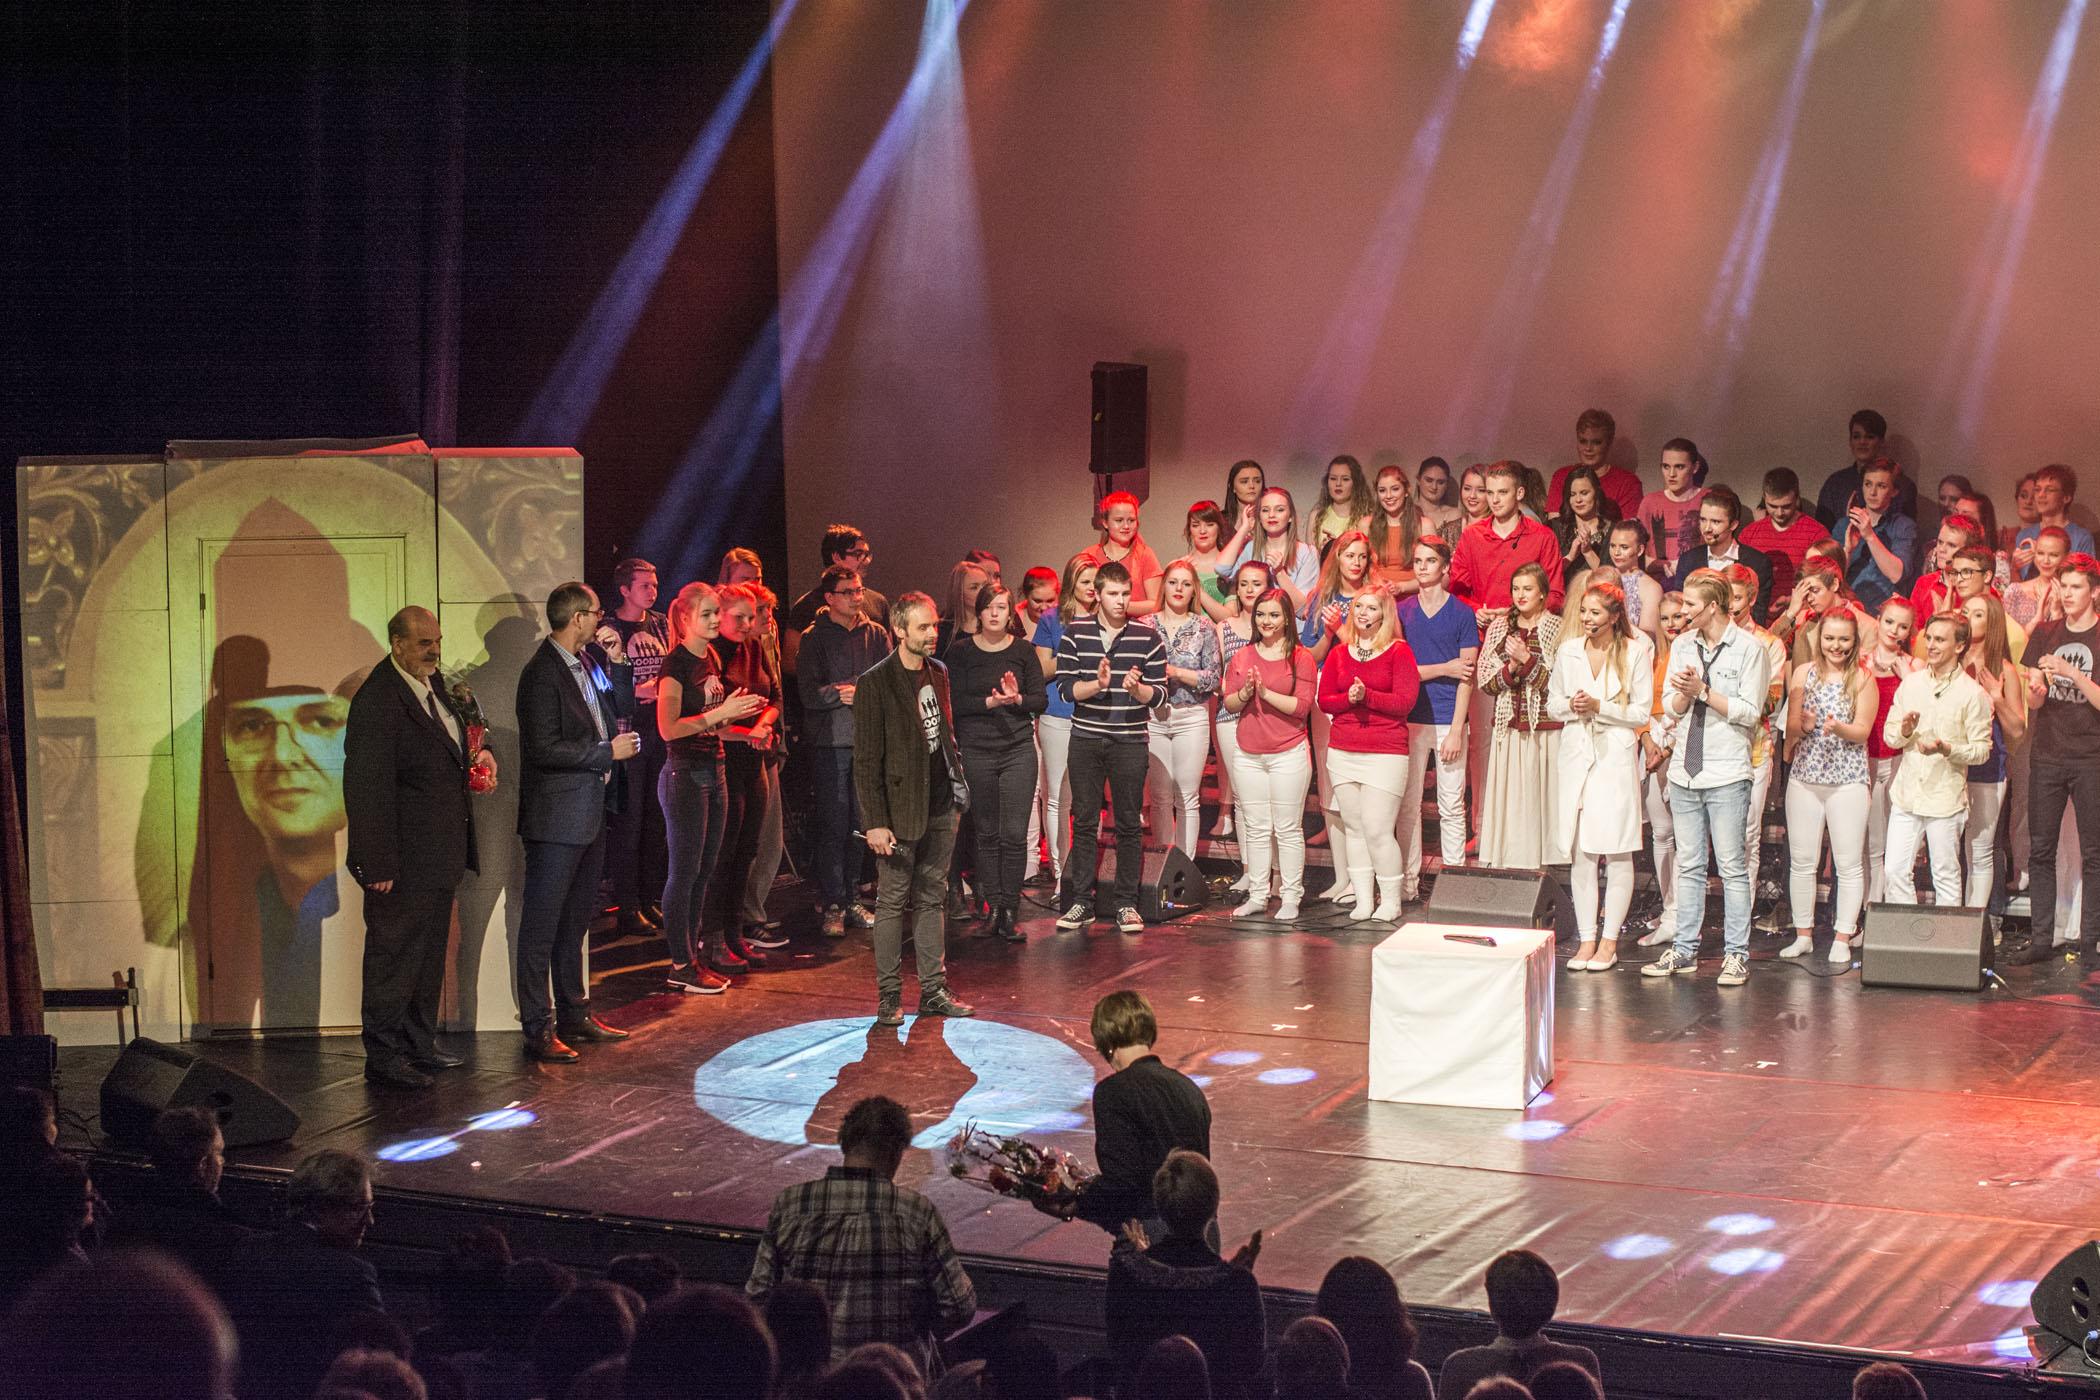 Volda-ordførar Jørgen Amdam (t.v.), rektor Trond Hjelseth, og rådmann Wenche Solheim i Ørsta (på veg opp trappa) ville takke alle som stod bak musikalen etter premieren. (Foto: Åge André Breivik)